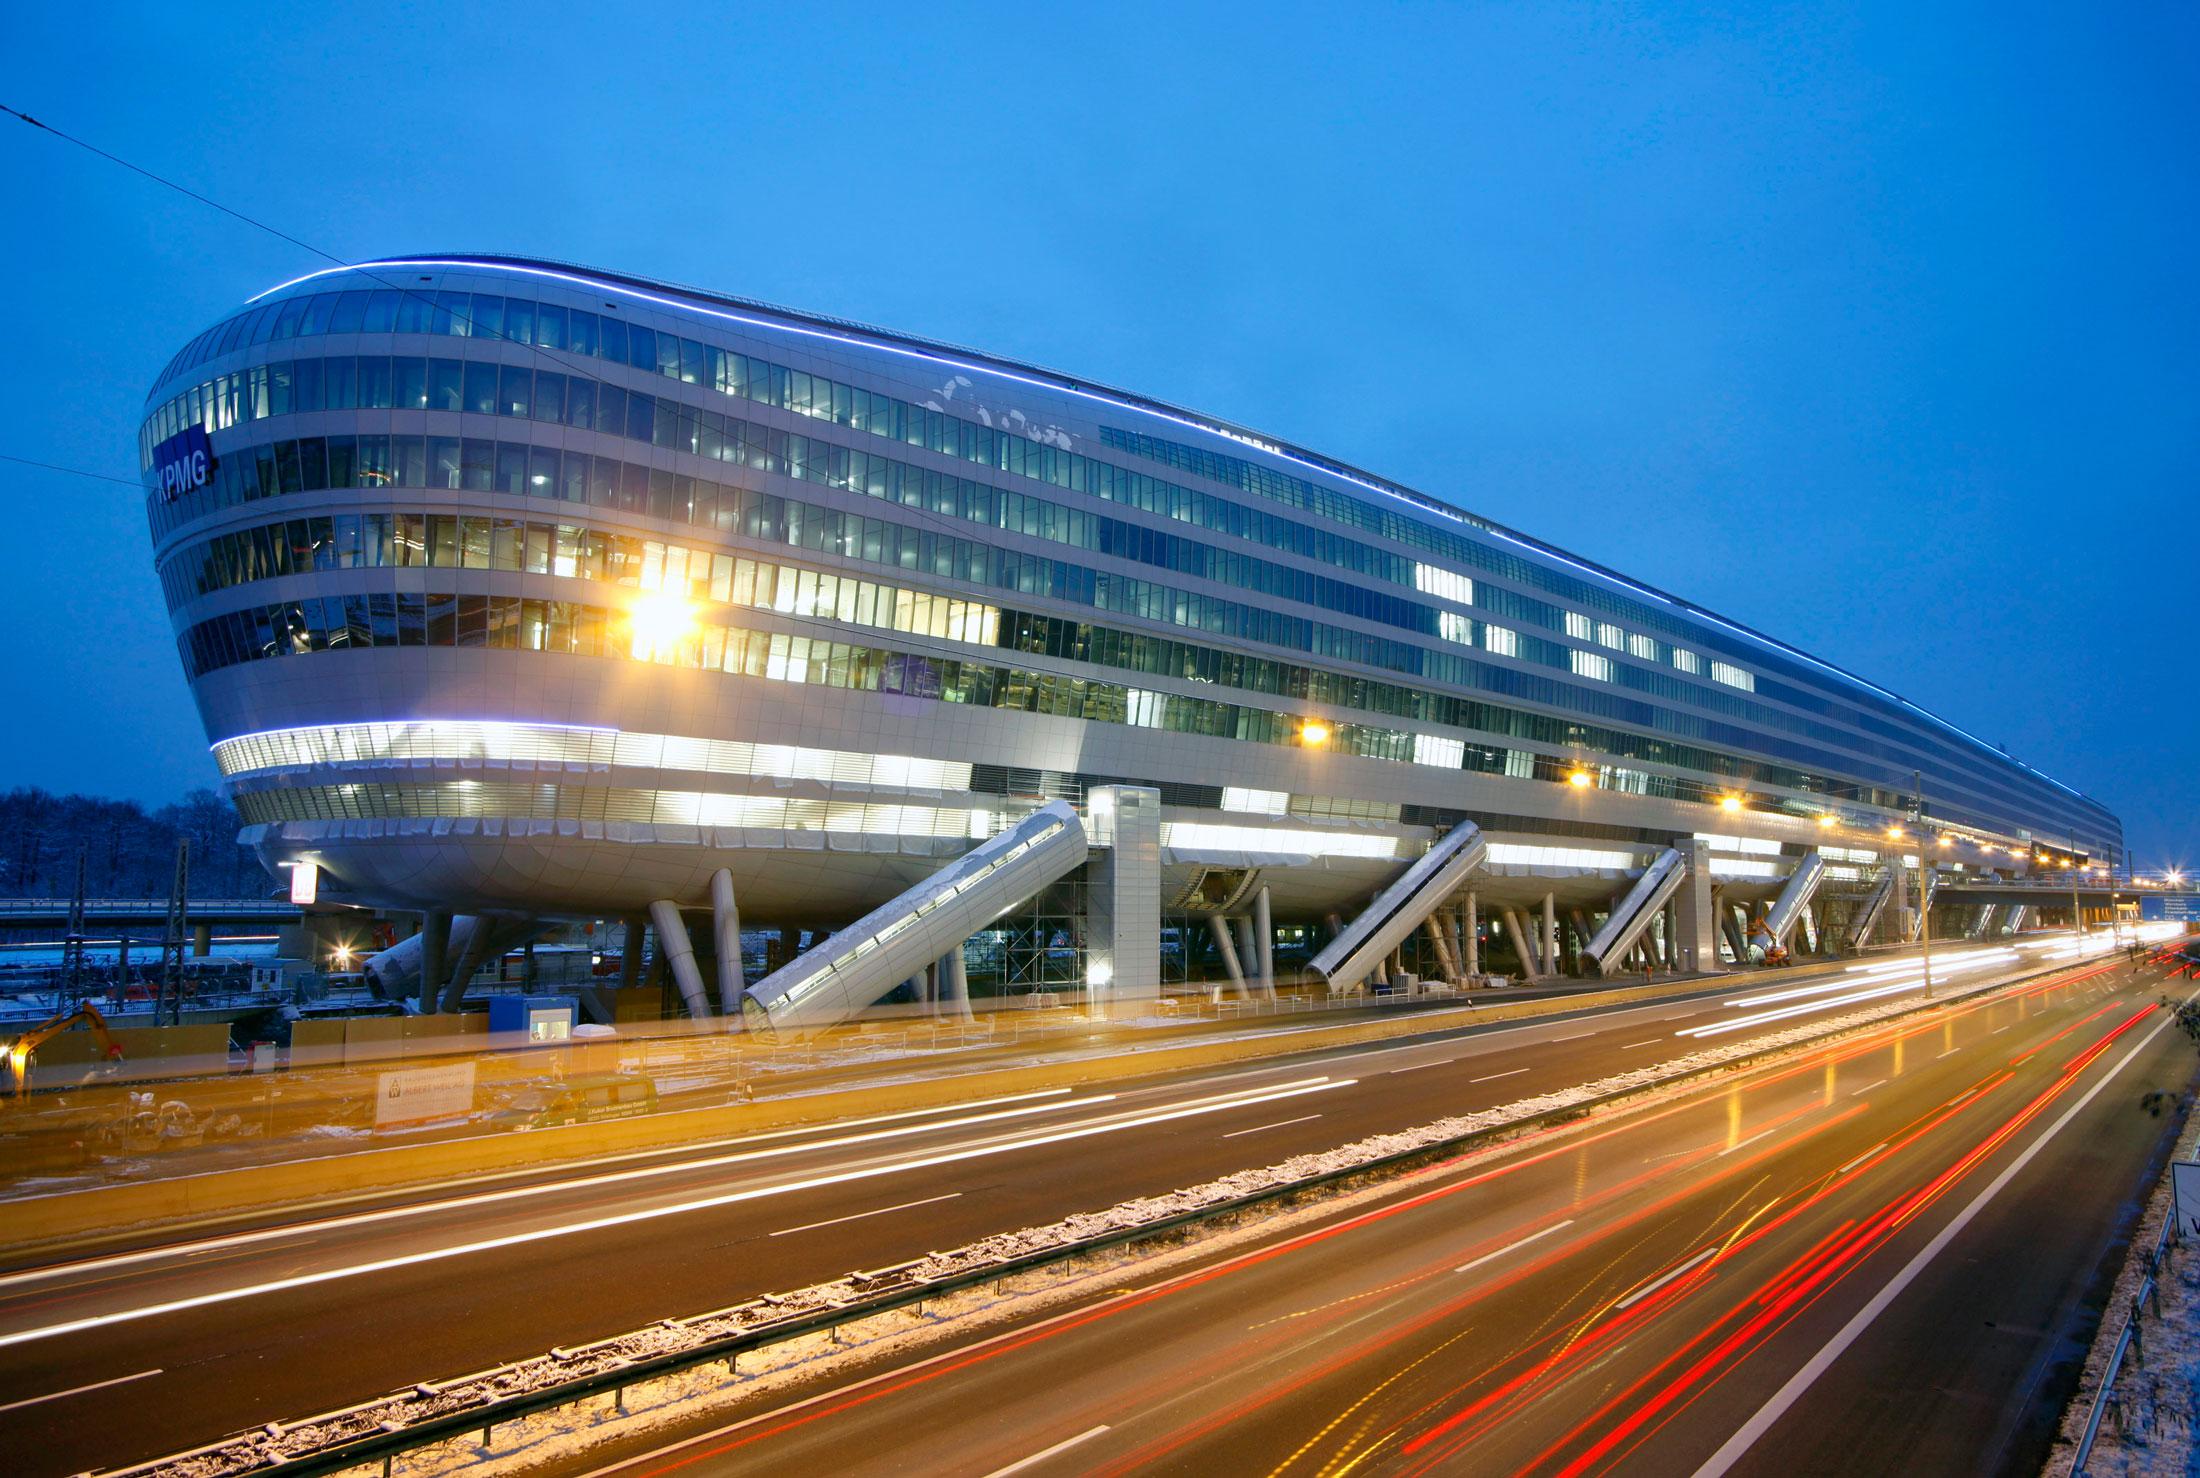 Frakfurt Flughafen